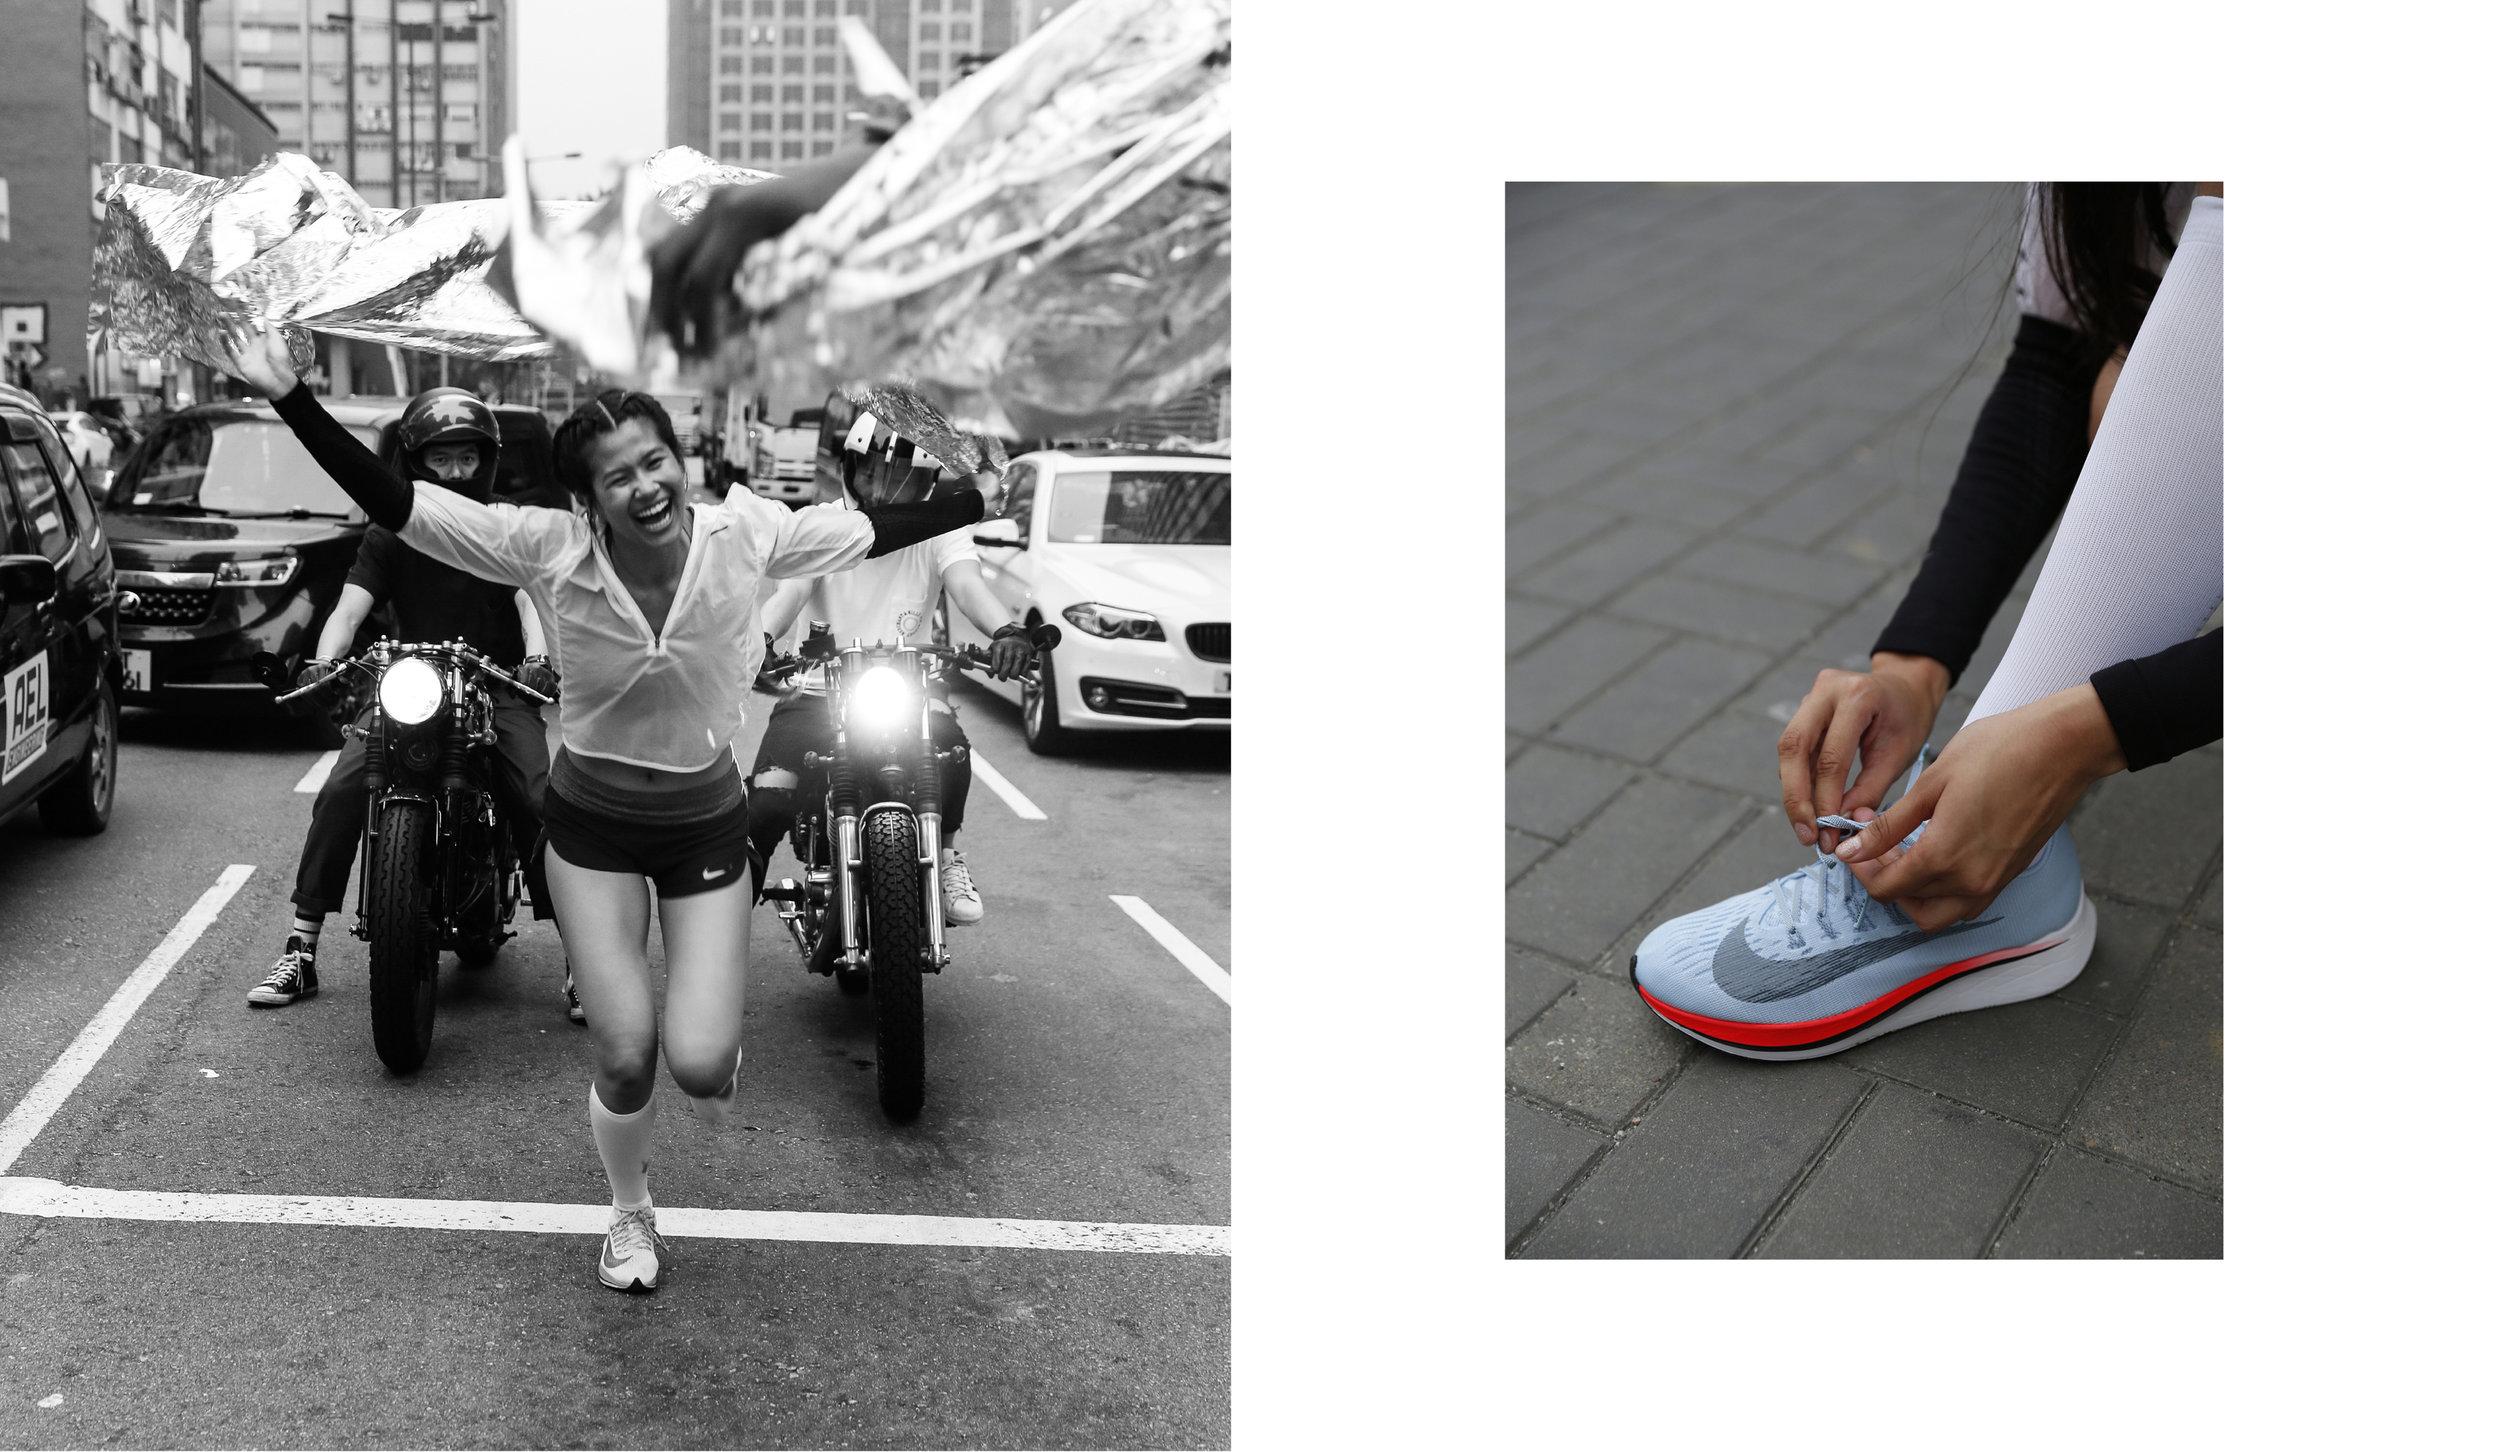 JWDTAN_Nike_Running_HK12.jpg